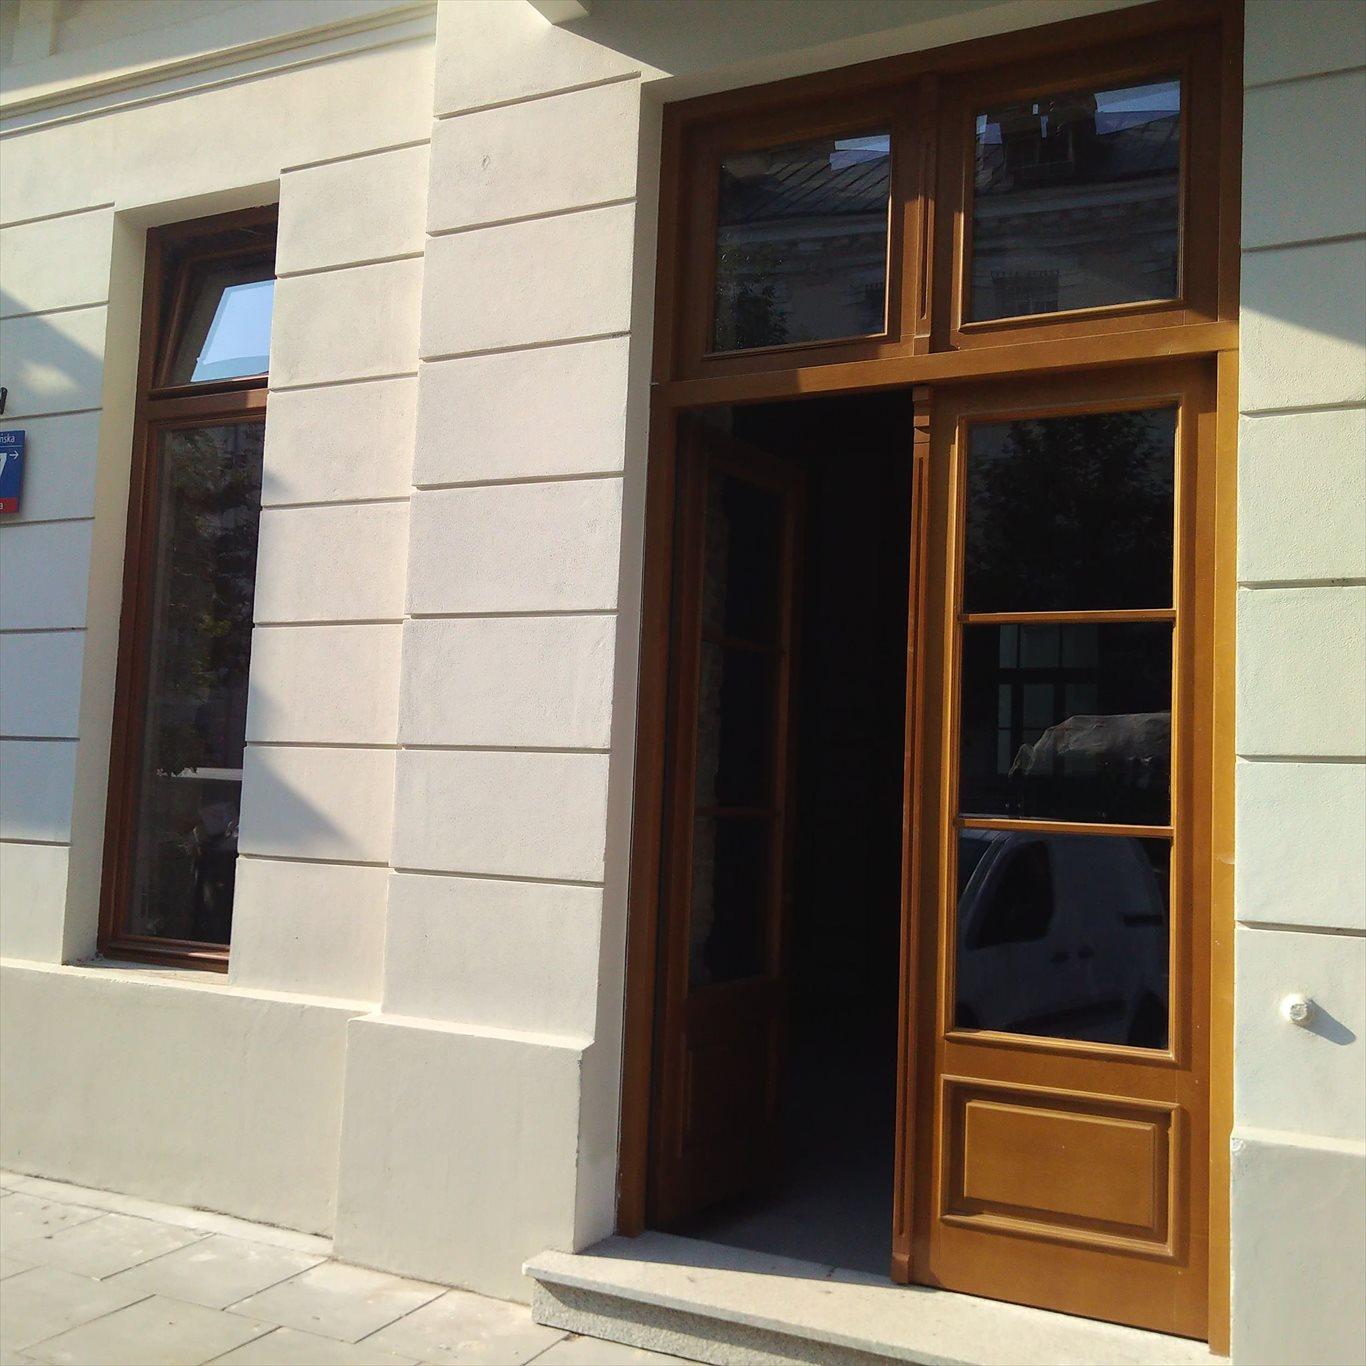 Lokal użytkowy na sprzedaż Warszawa, Praga-Północ, Jagiellońska  121m2 Foto 1